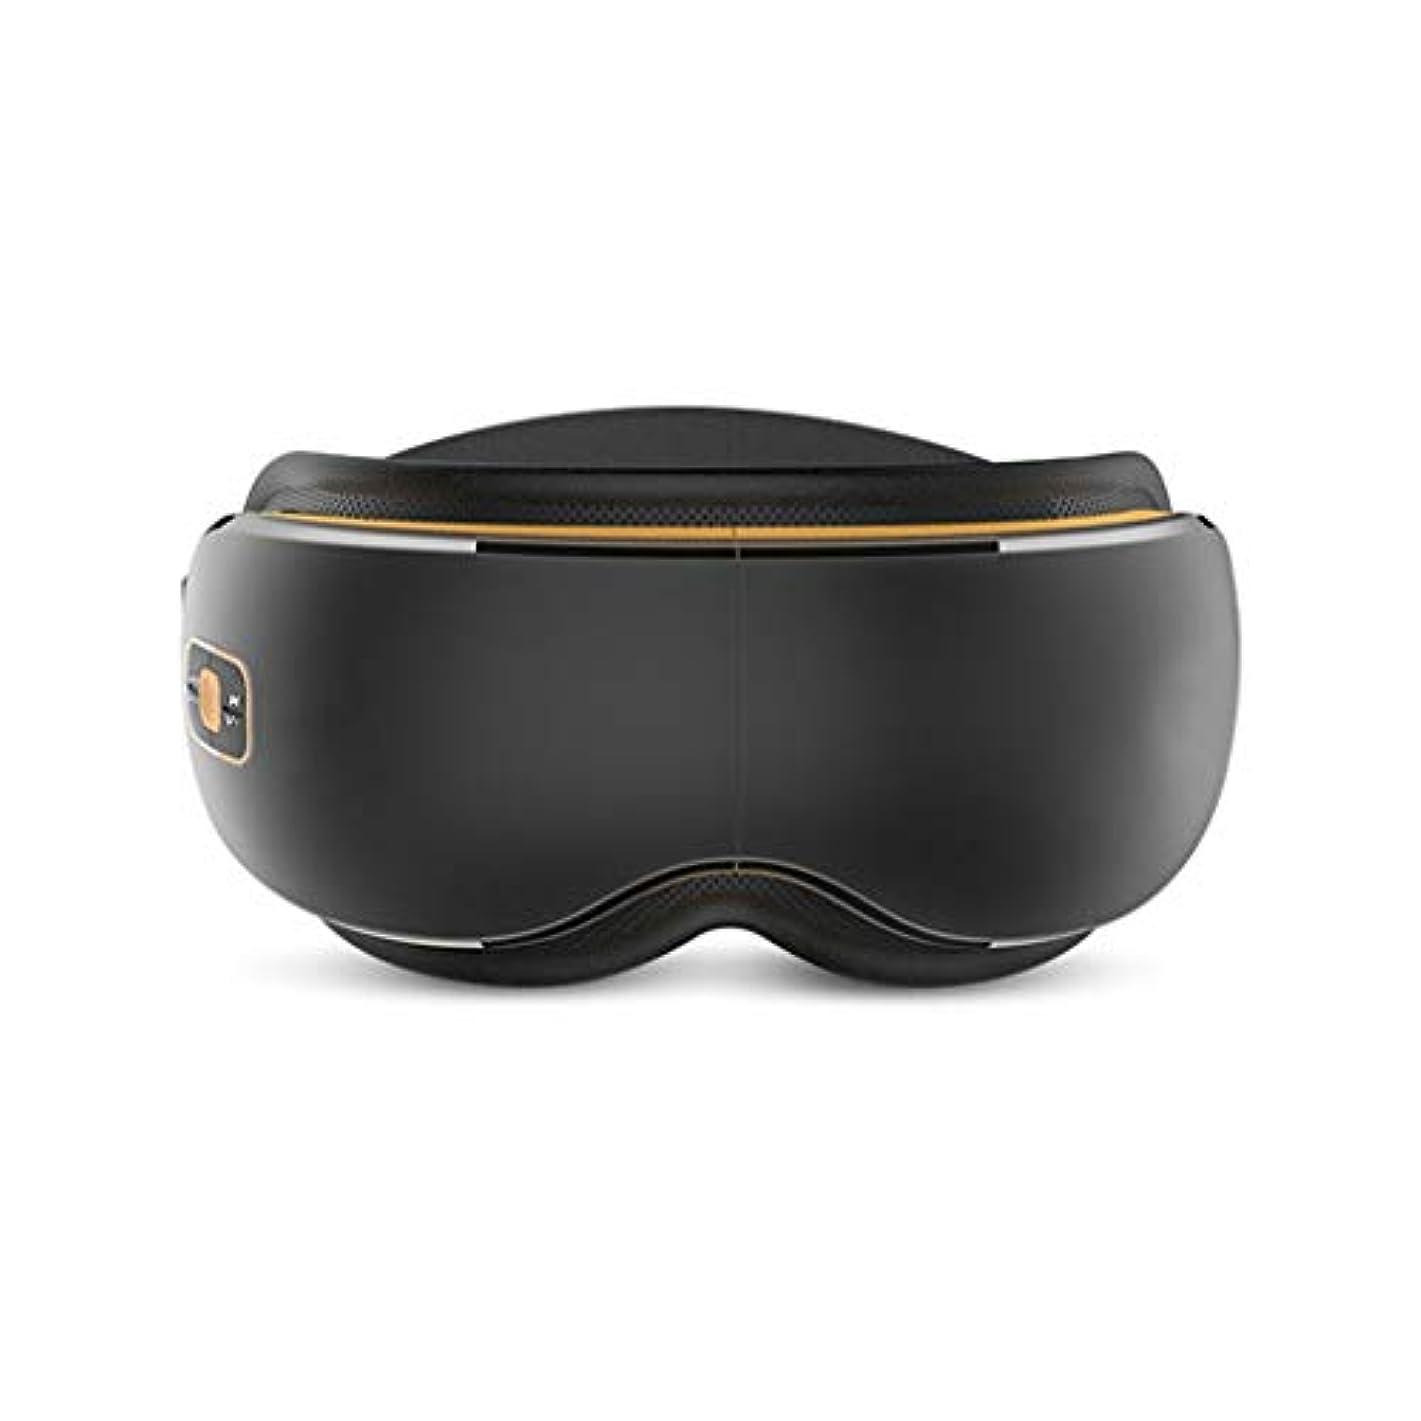 混沌方向マージ電気アイマッサージャー振動マッサージ暖房/ラップ/音楽/空気圧縮4つのモードで目をリラックスさせて暗い円を減らし、睡眠を改善するためのヘッドプレッシャーを緩和